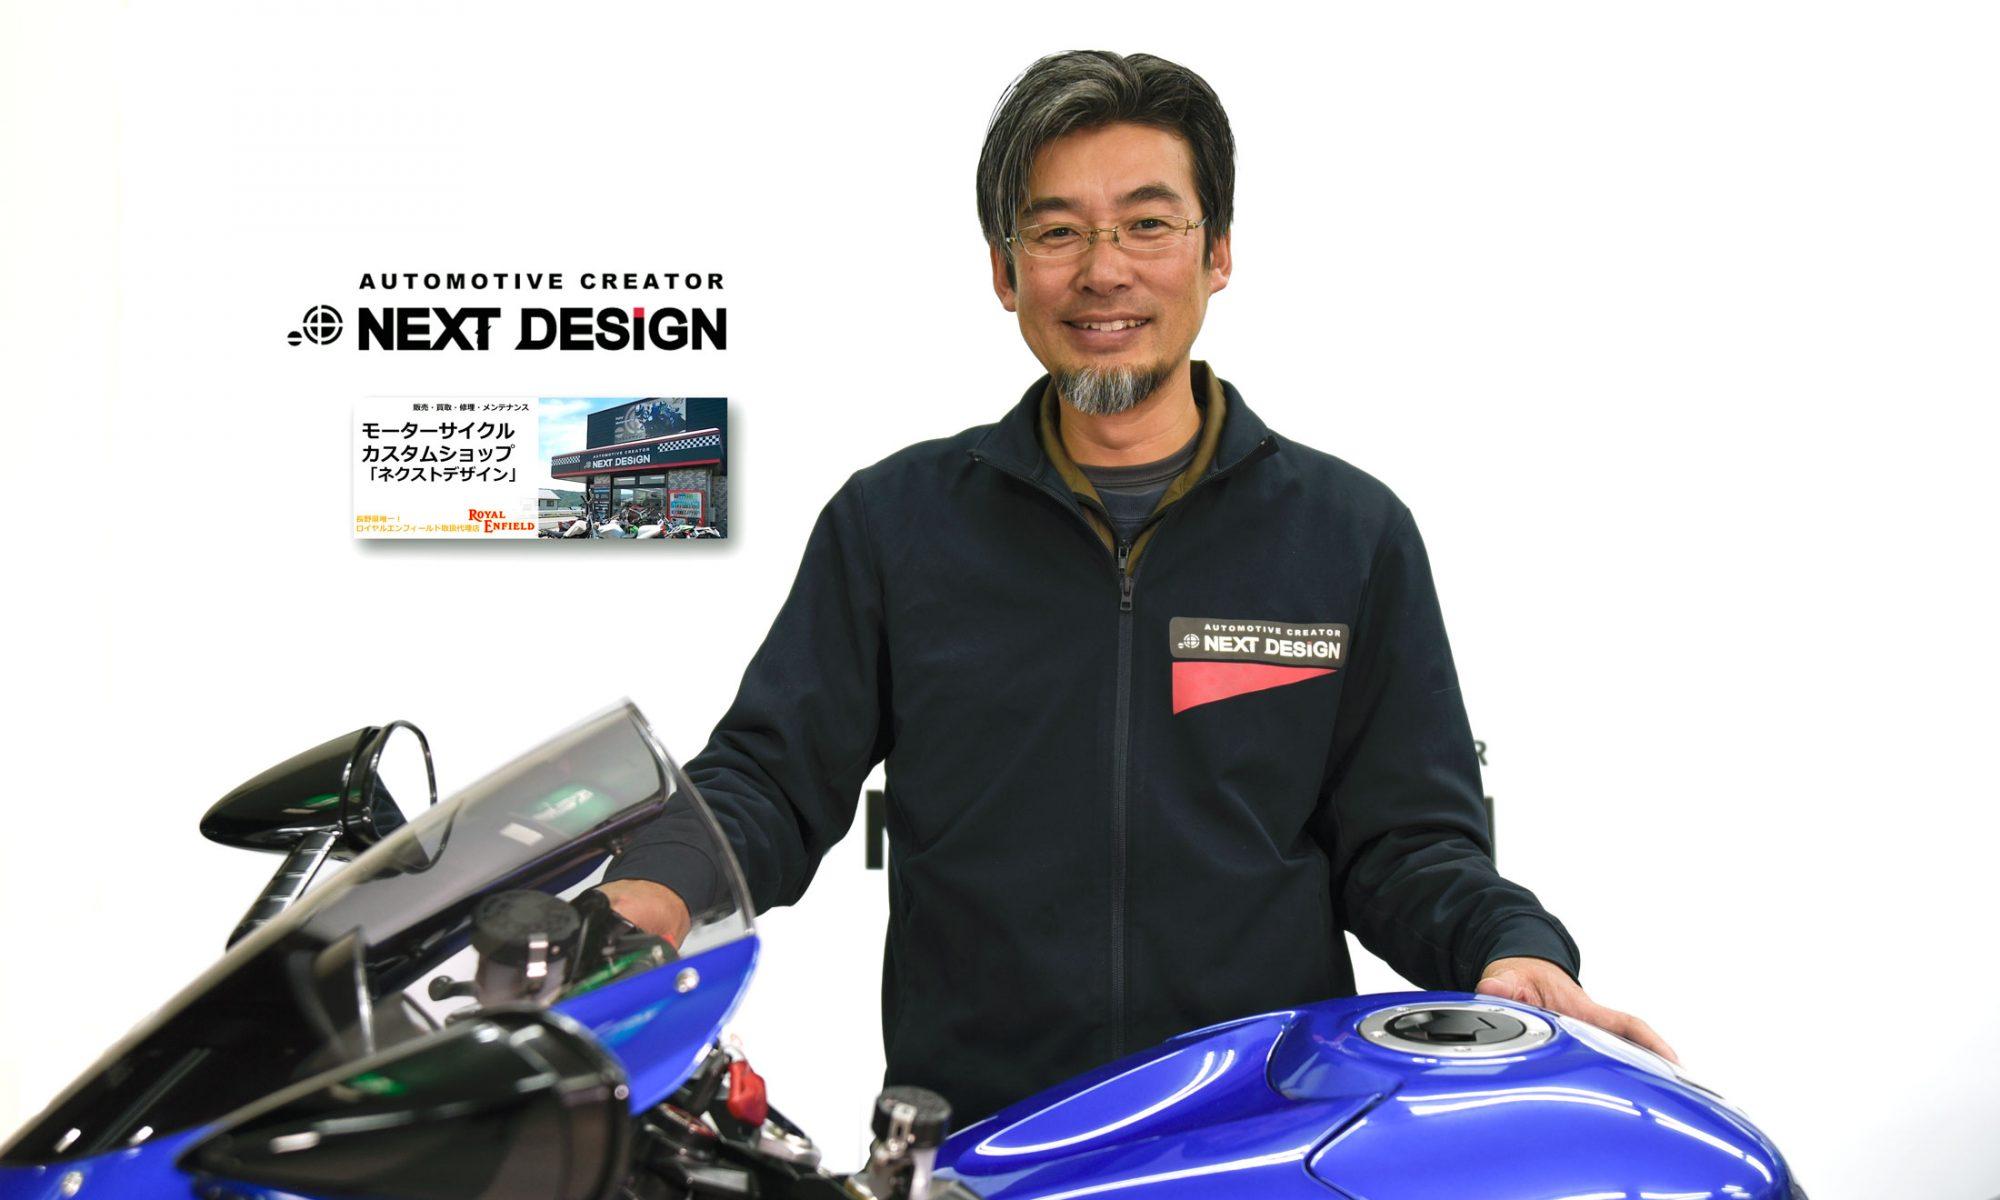 中古車バイク・ネット販売:Next Design